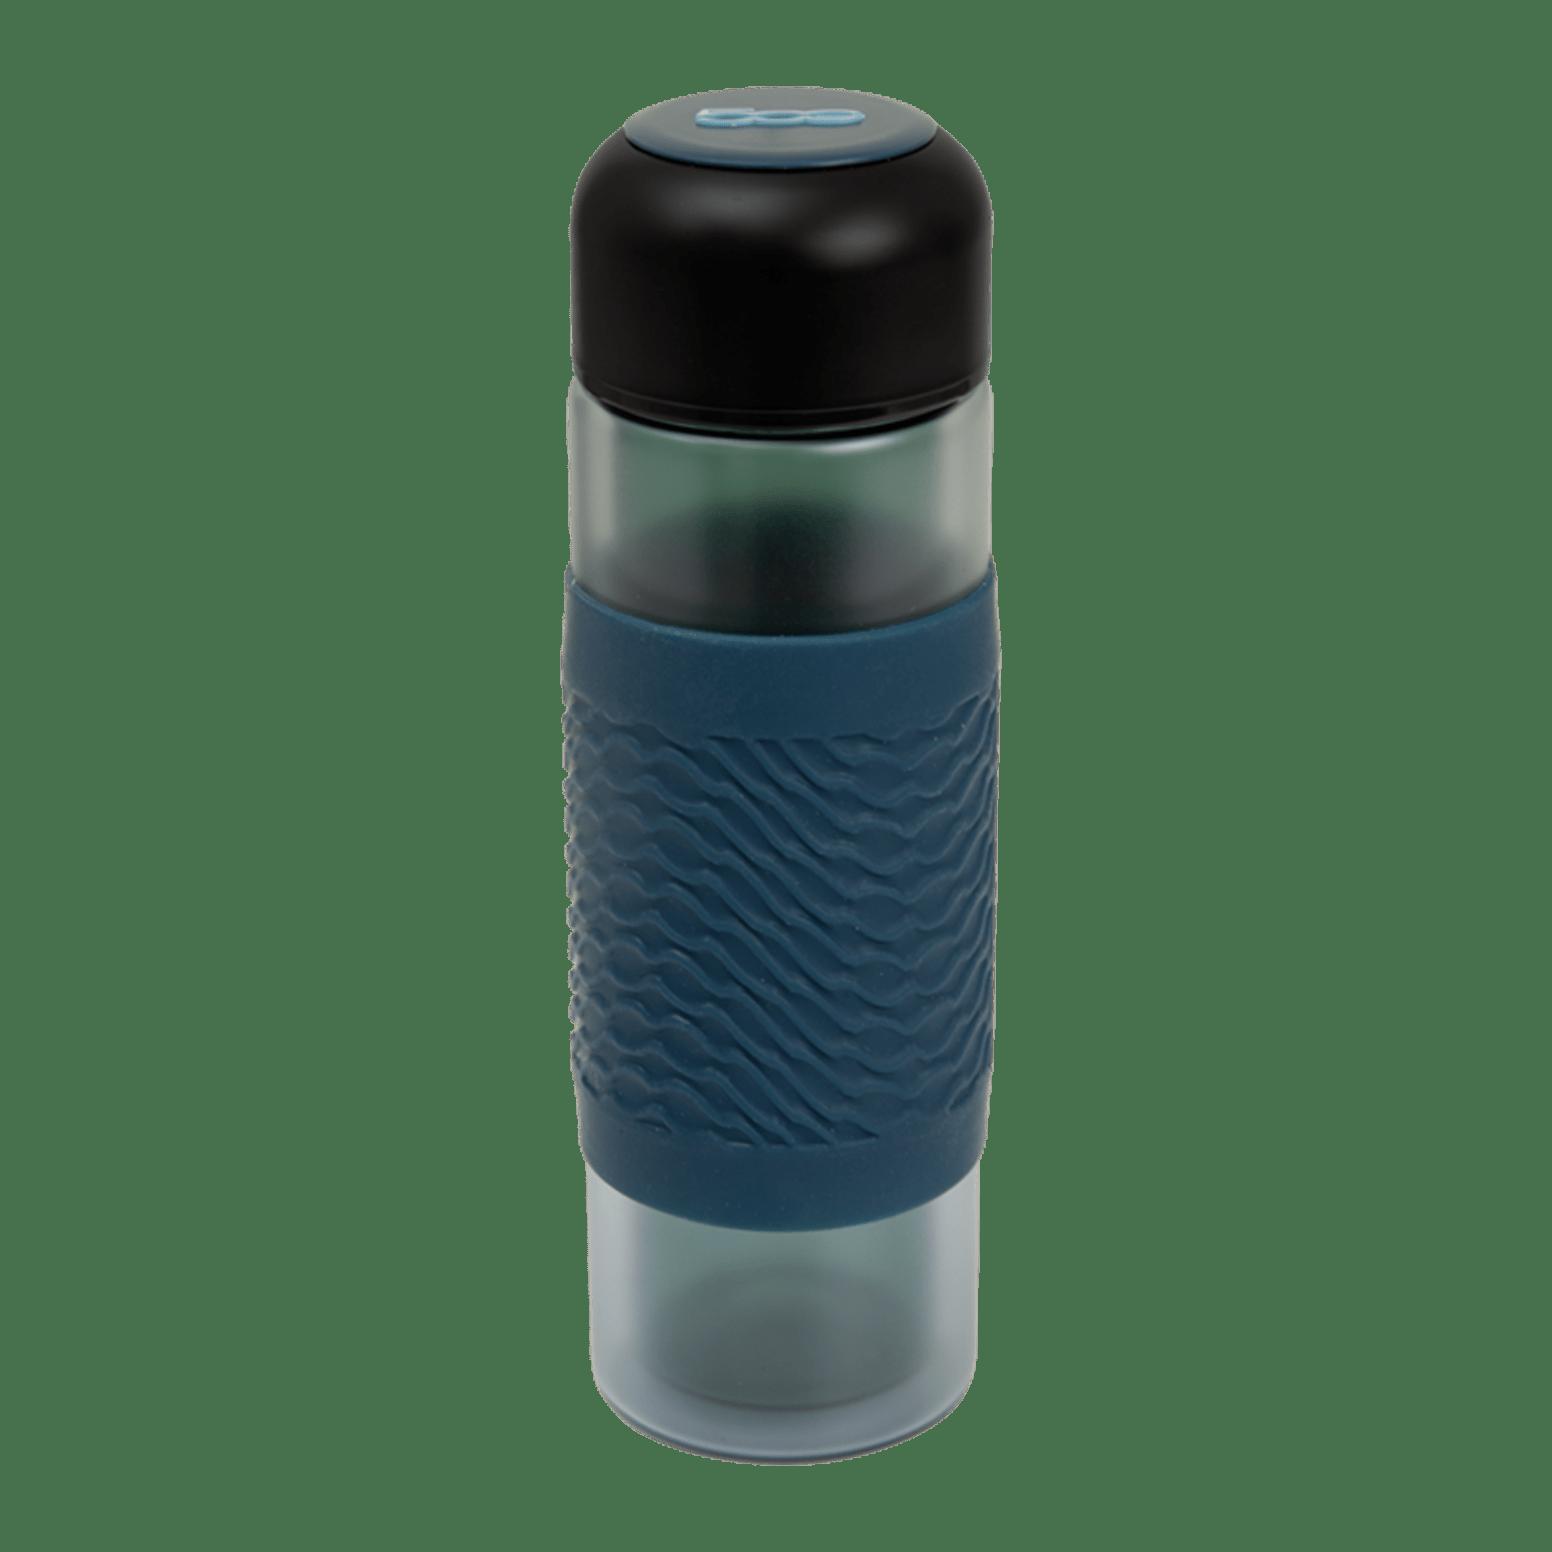 500e Water Bottle Merchandise